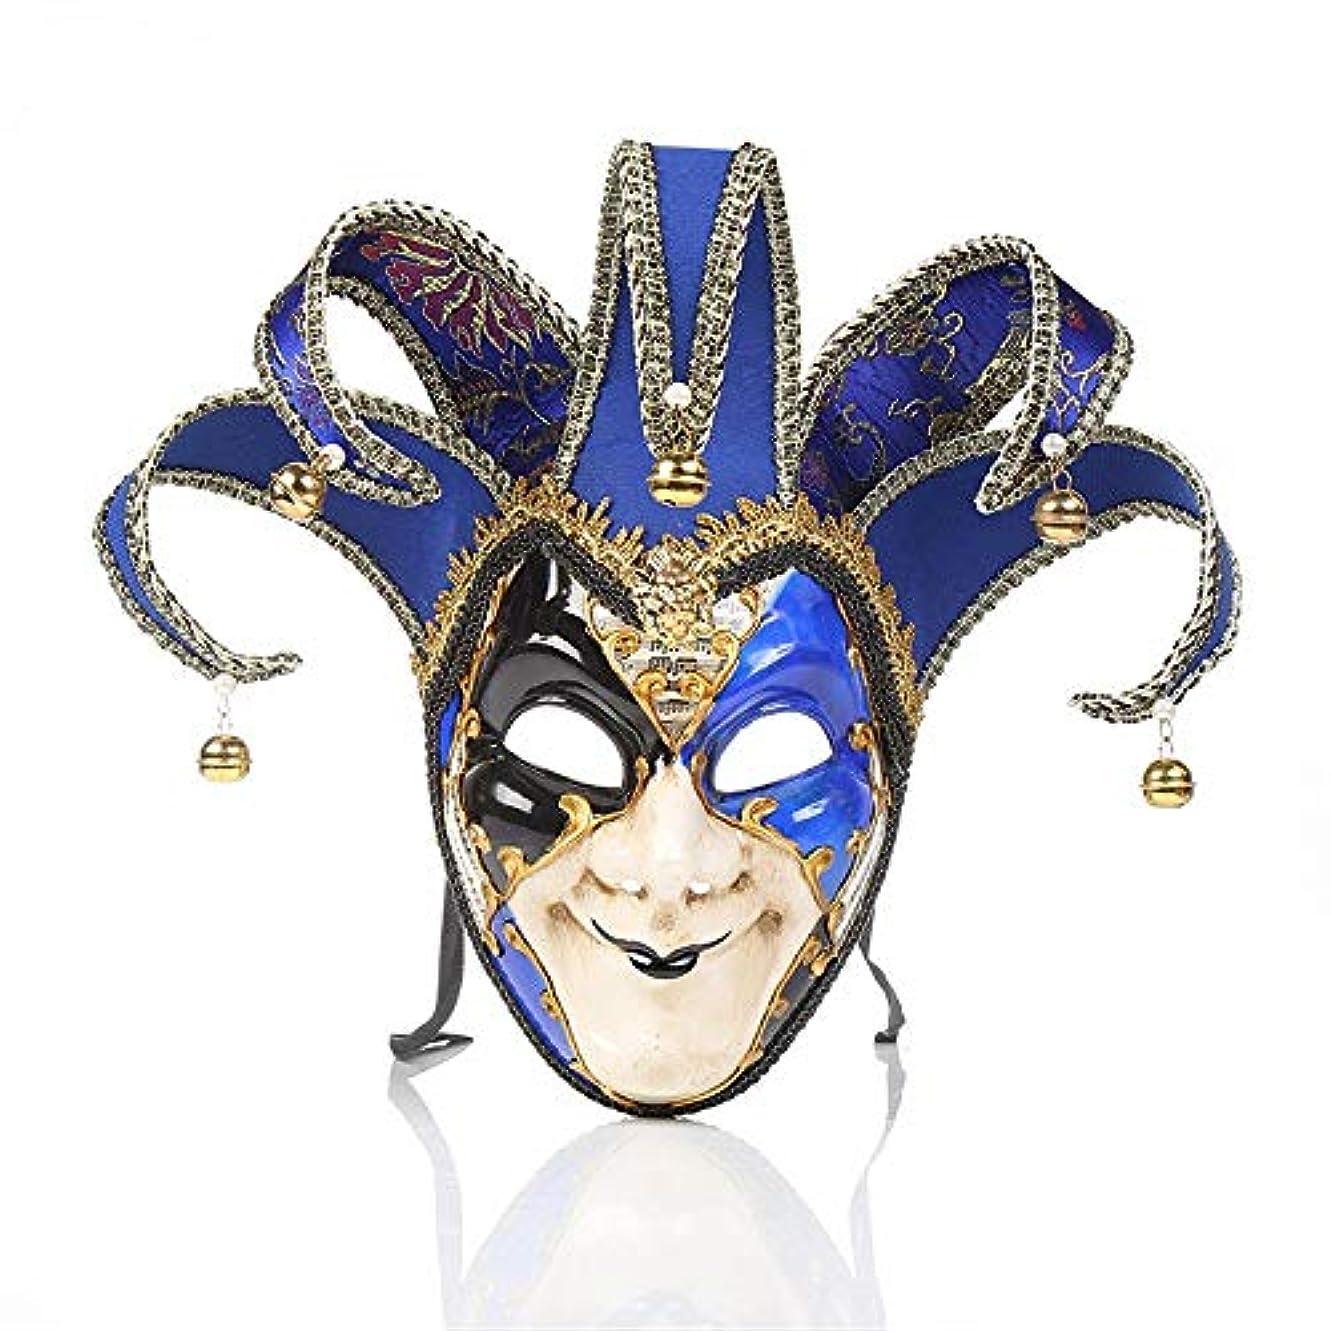 覗く注意偏見ダンスマスク ピエロマスクハロウィーンパフォーマンスパフォーマンス仮面舞踏会雰囲気用品祭りロールプレイングプラスチックマスク ホリデーパーティー用品 (色 : 青, サイズ : 39x33cm)